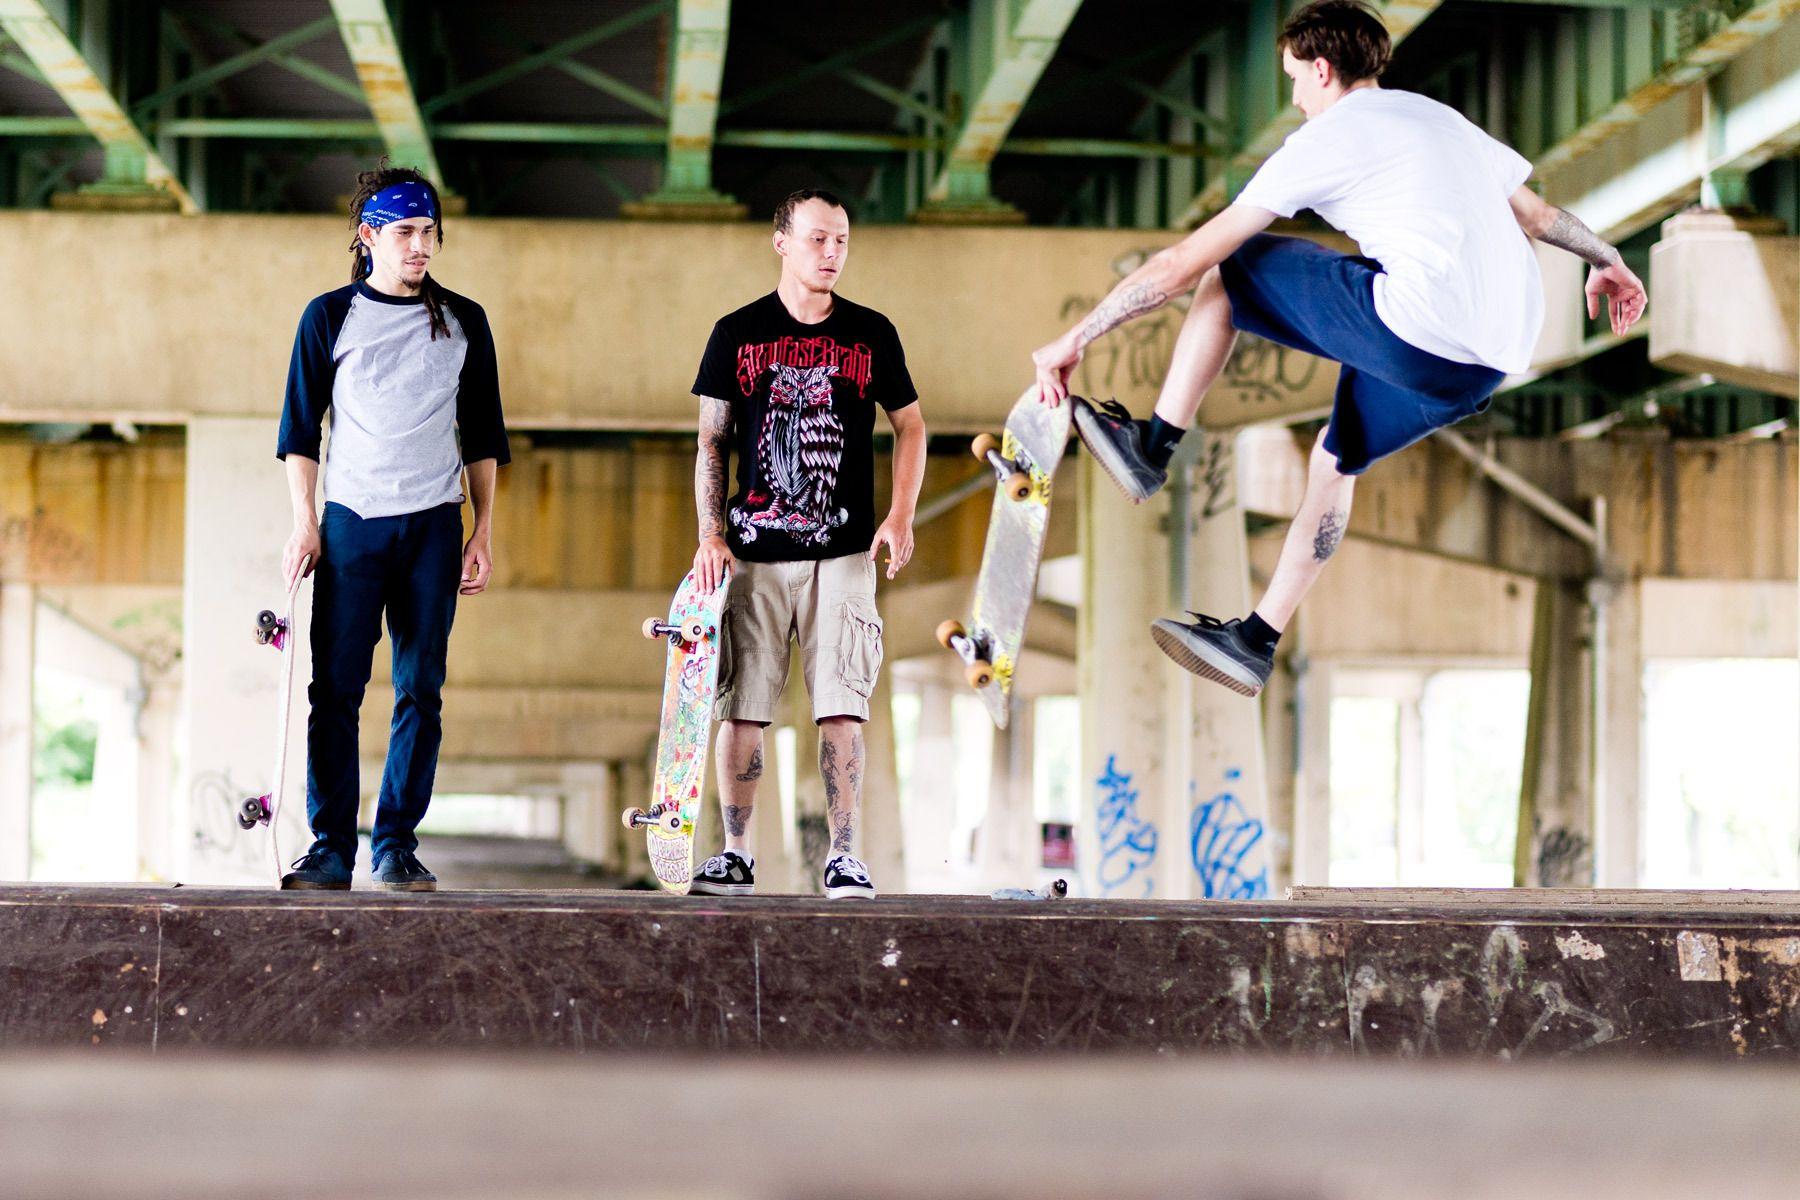 1fdr_skatepark_06_dsc3690